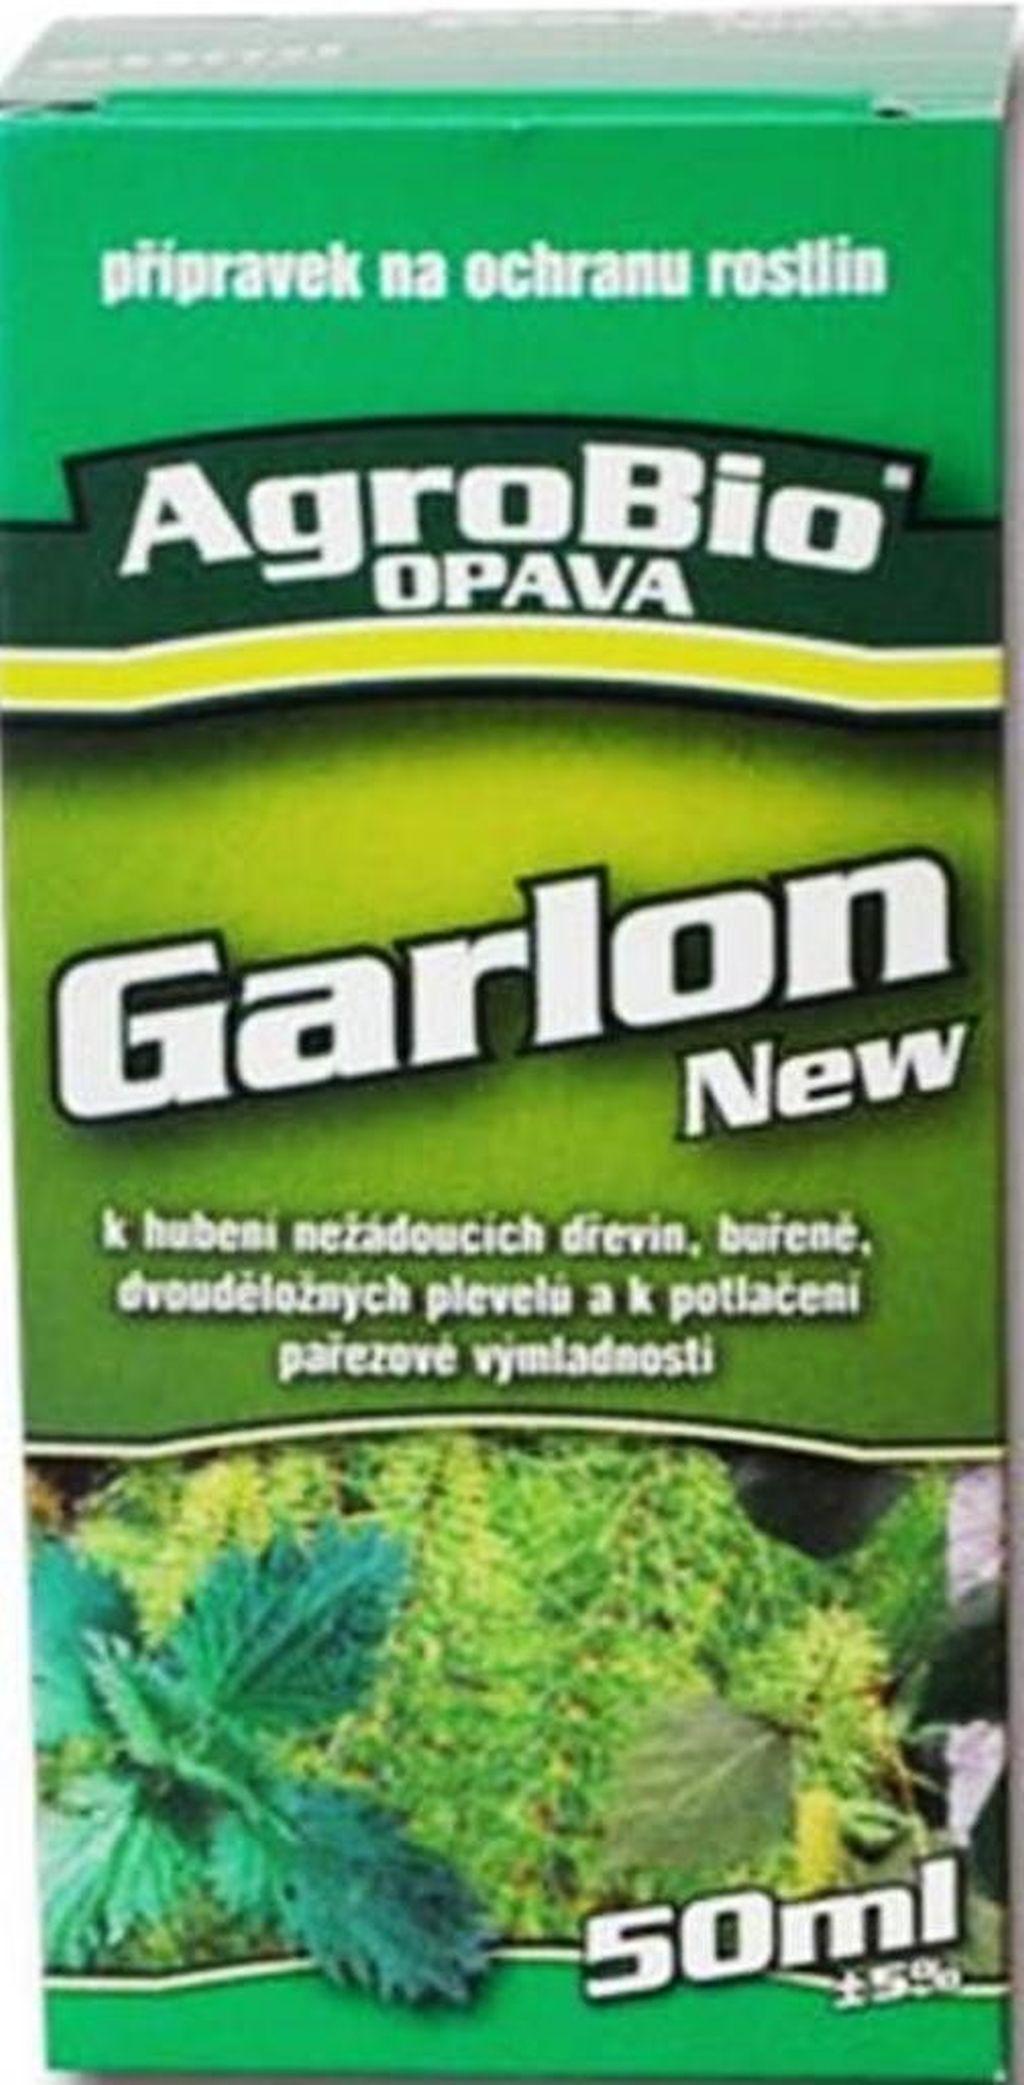 AgroBio Garlon New 50 ml, k hubení nežádoucích dřevin